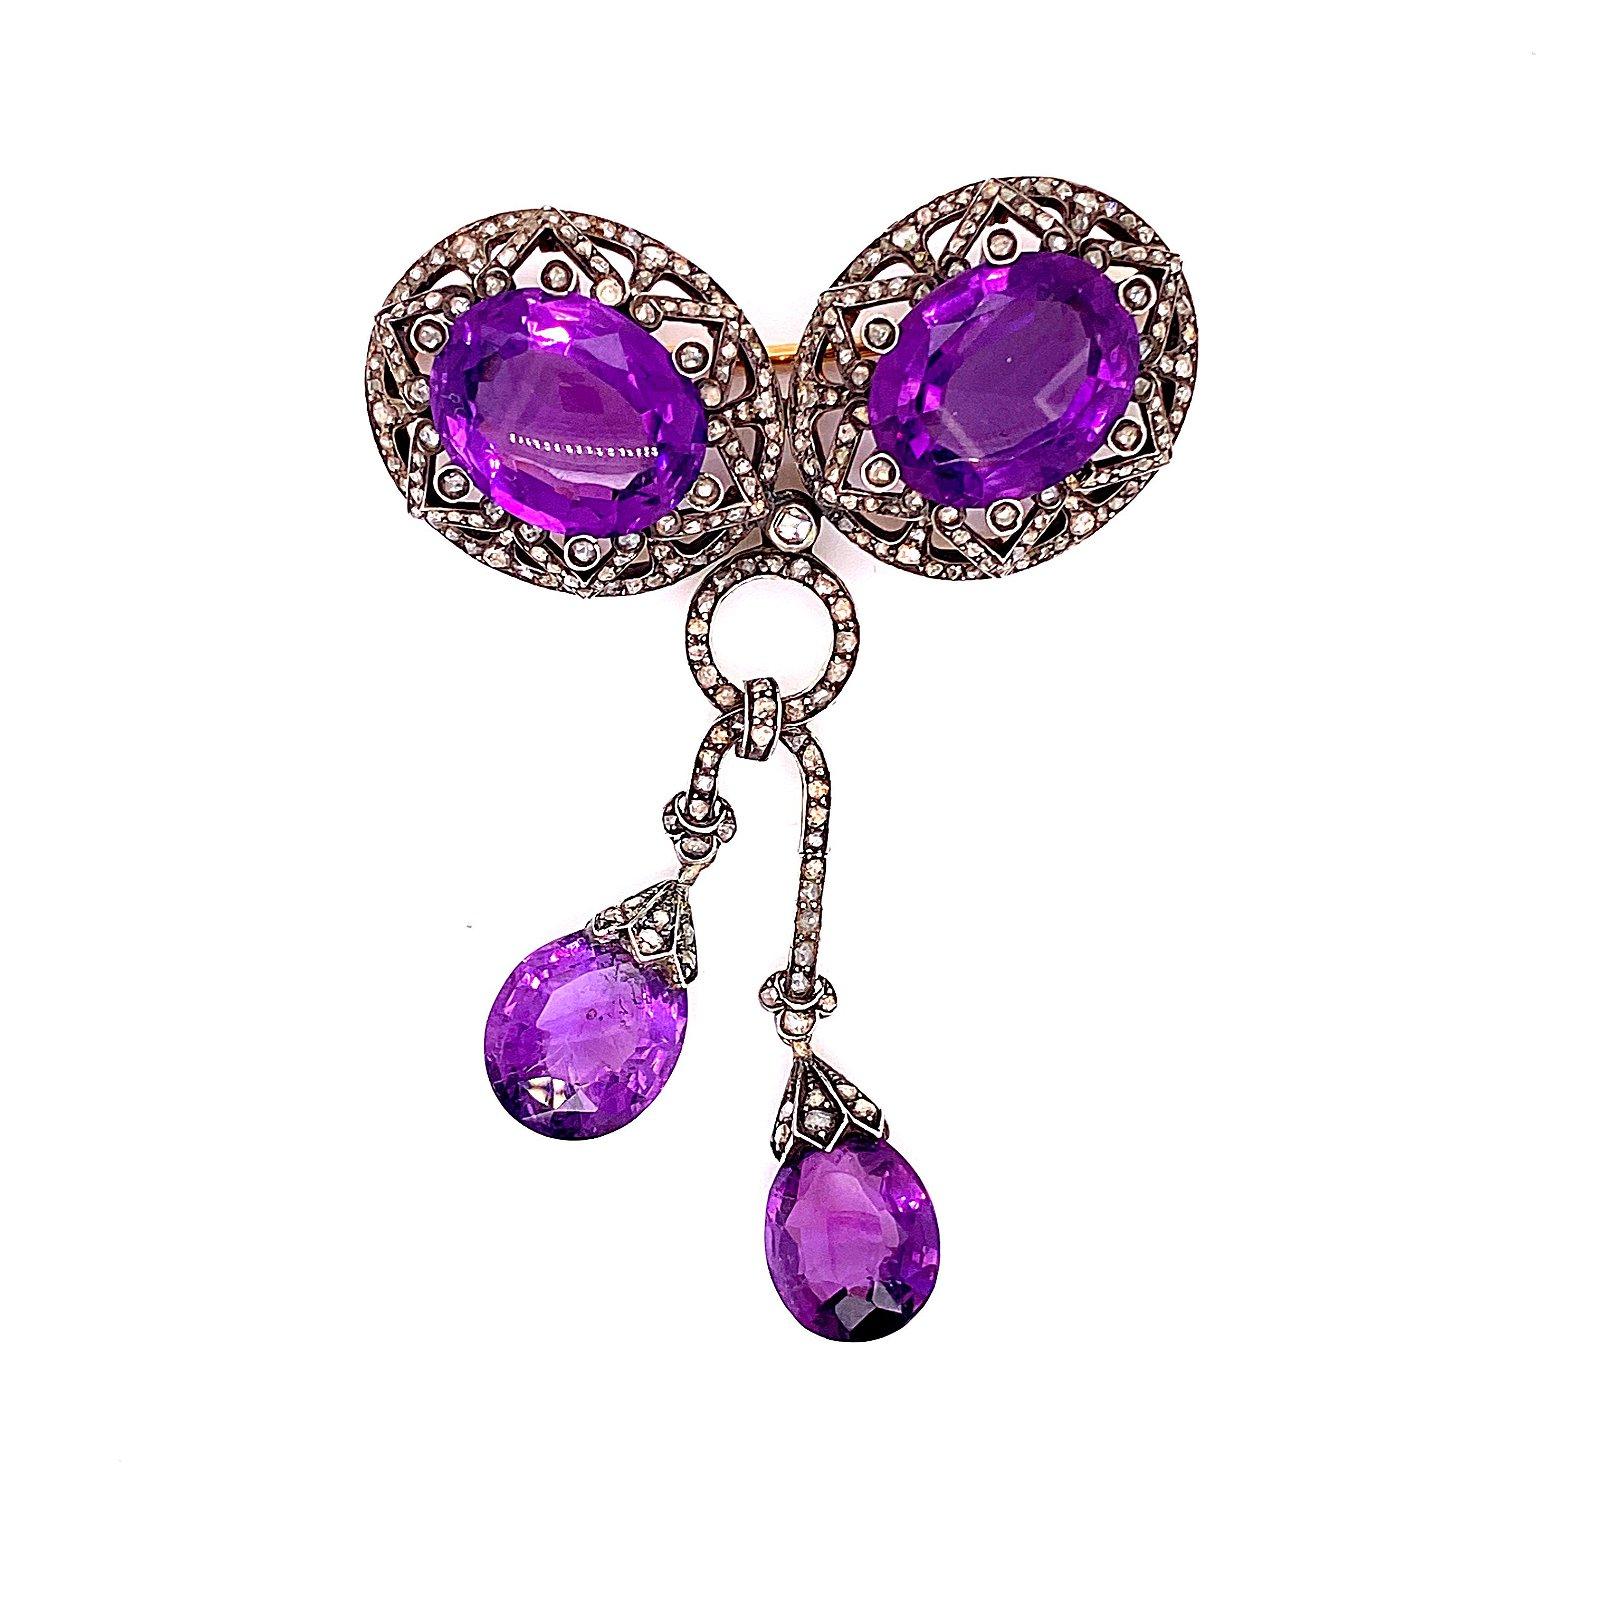 Amethyst Diamond Victorian Brooch